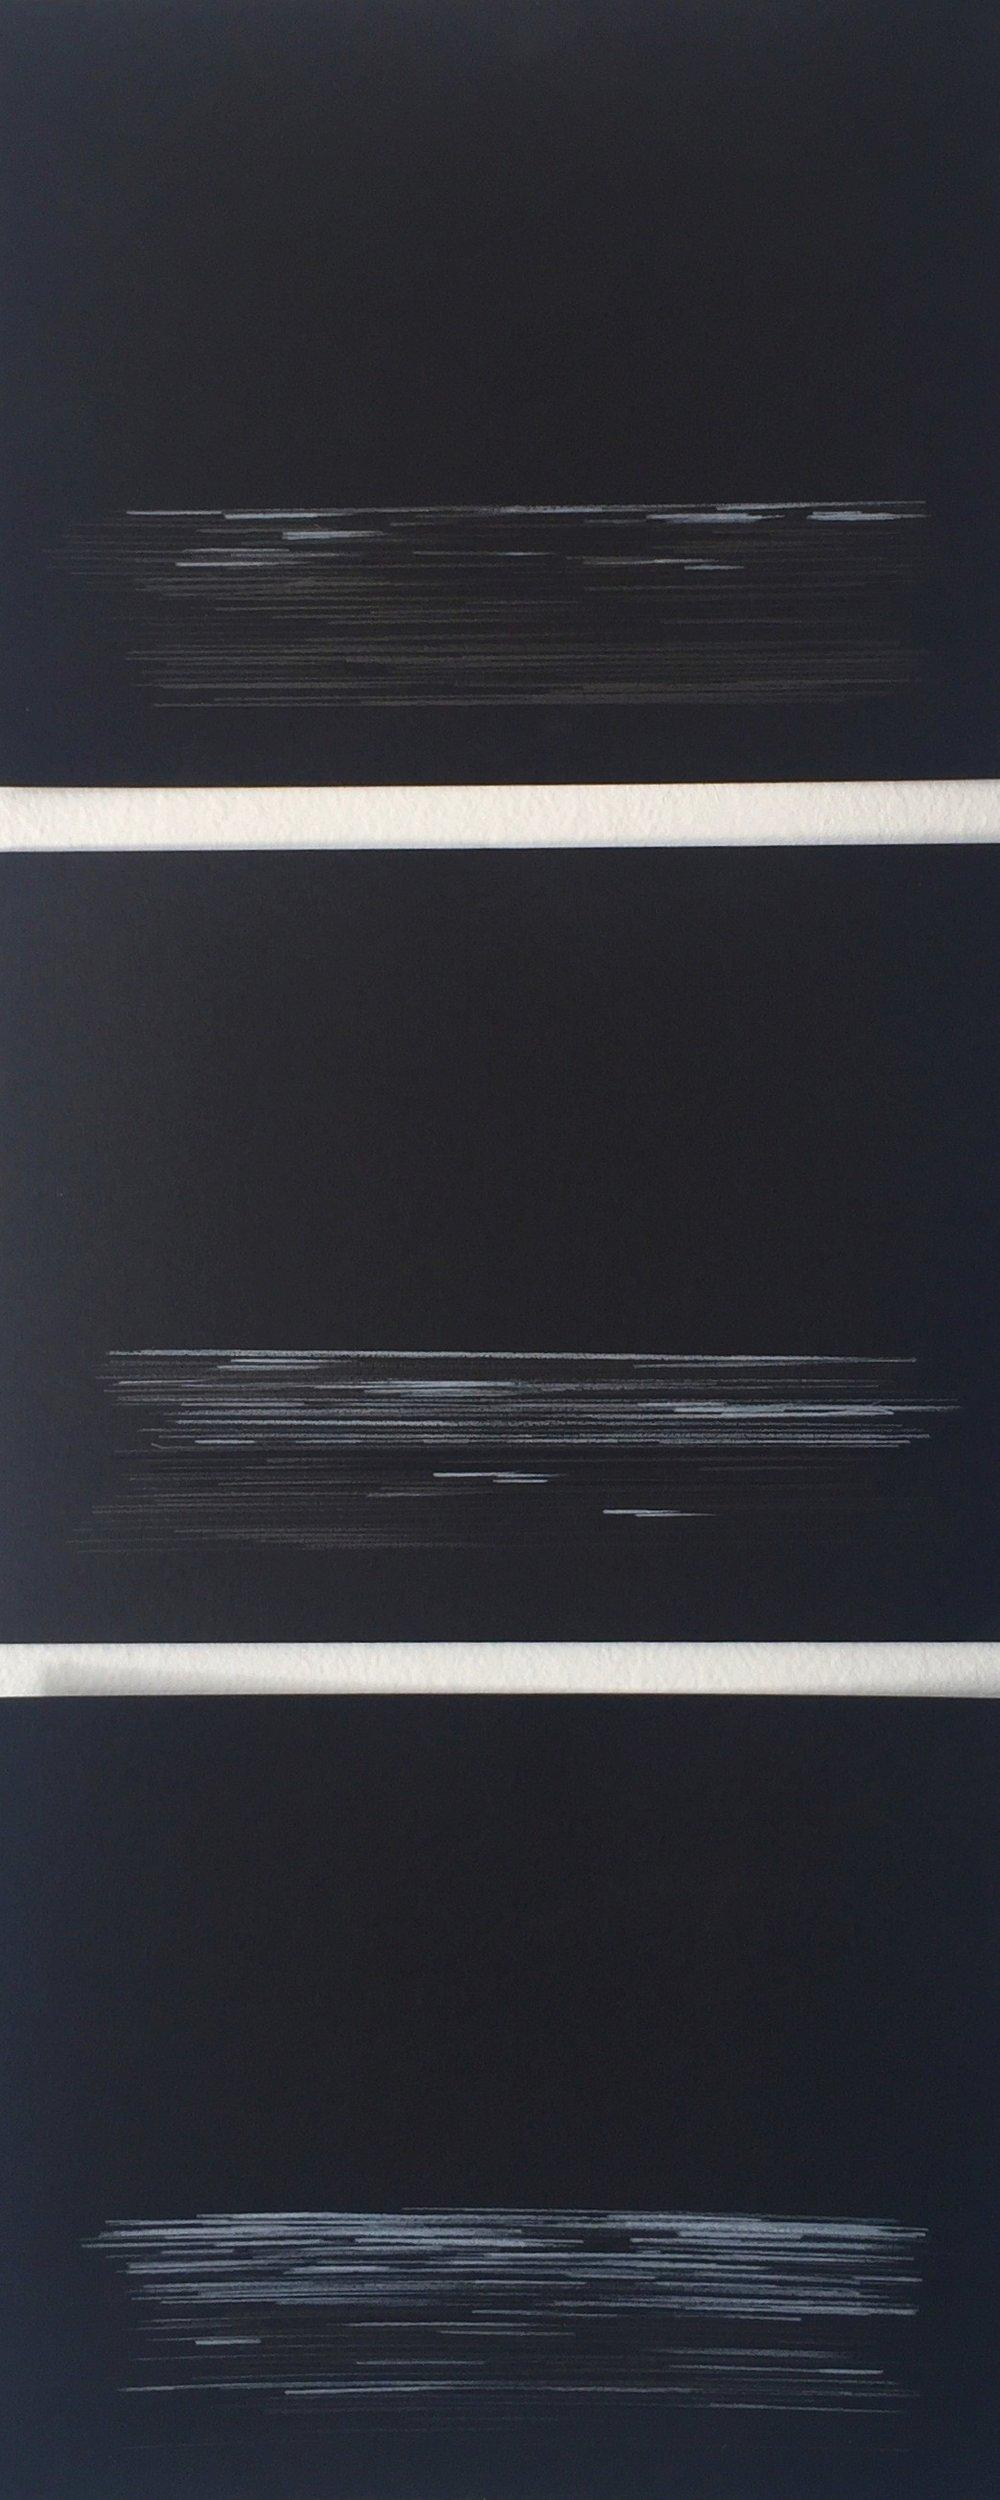 moon bath (triptych)